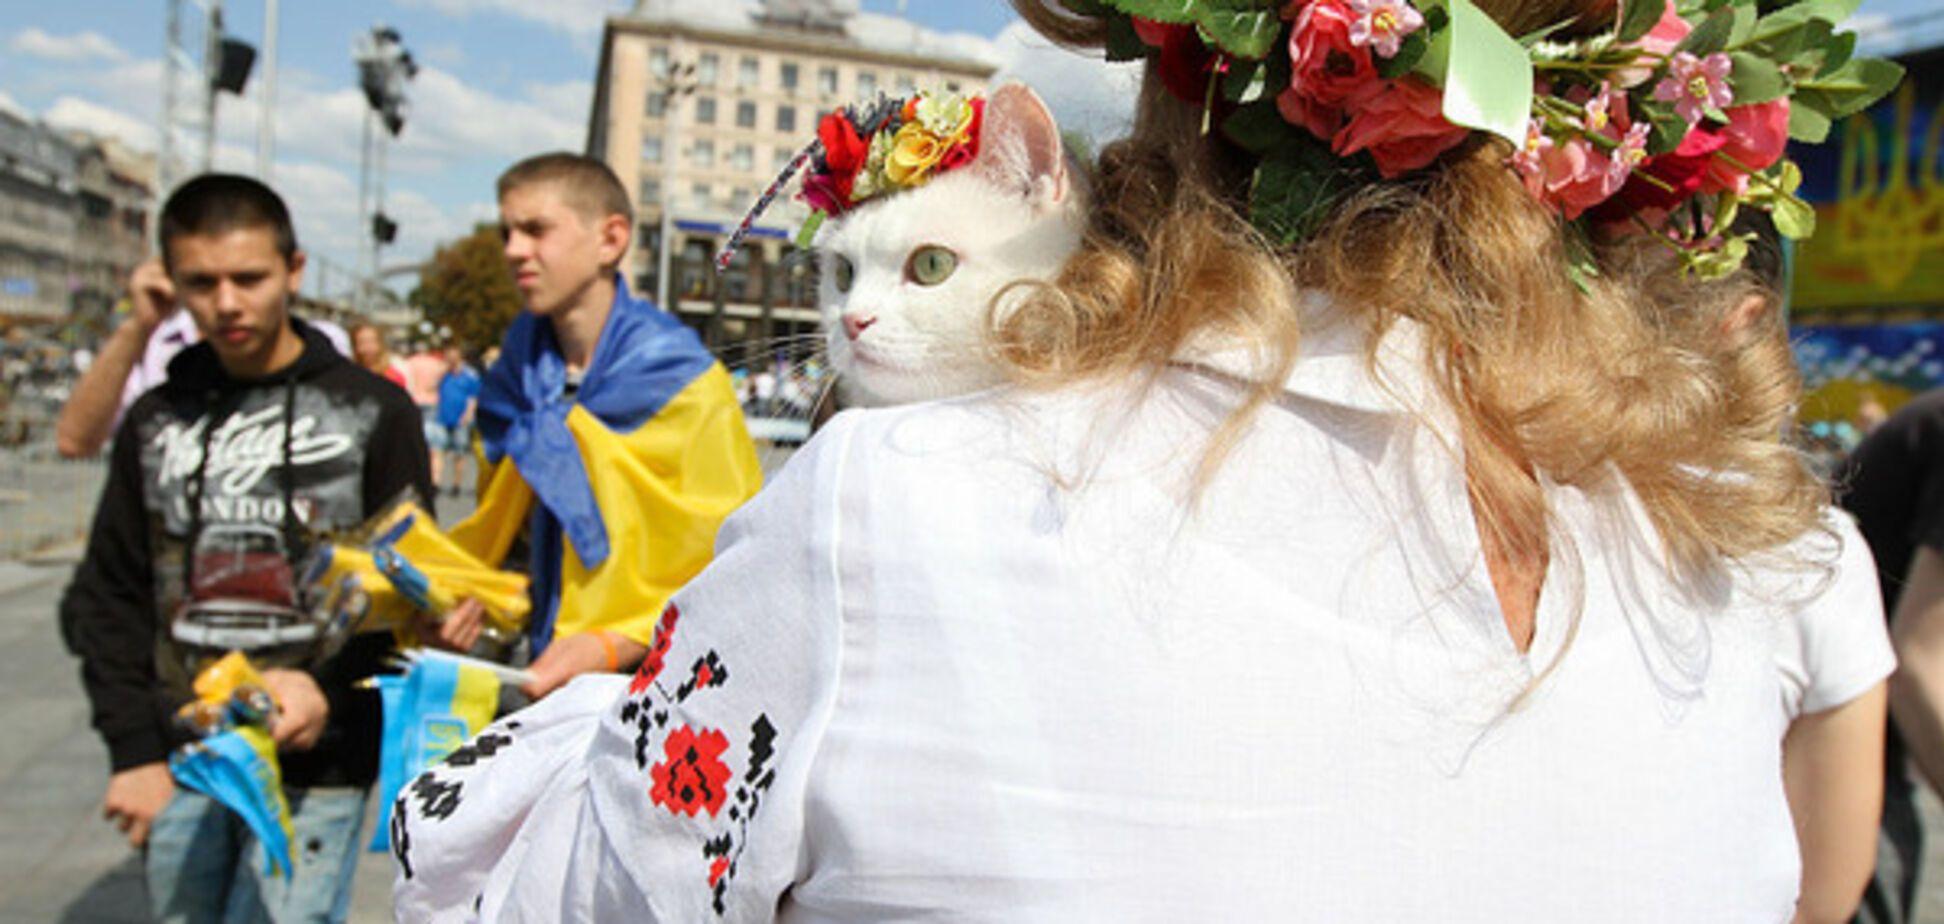 Мухи окремо, котлети окремо: пост про немудрість українців сколихнув мережу